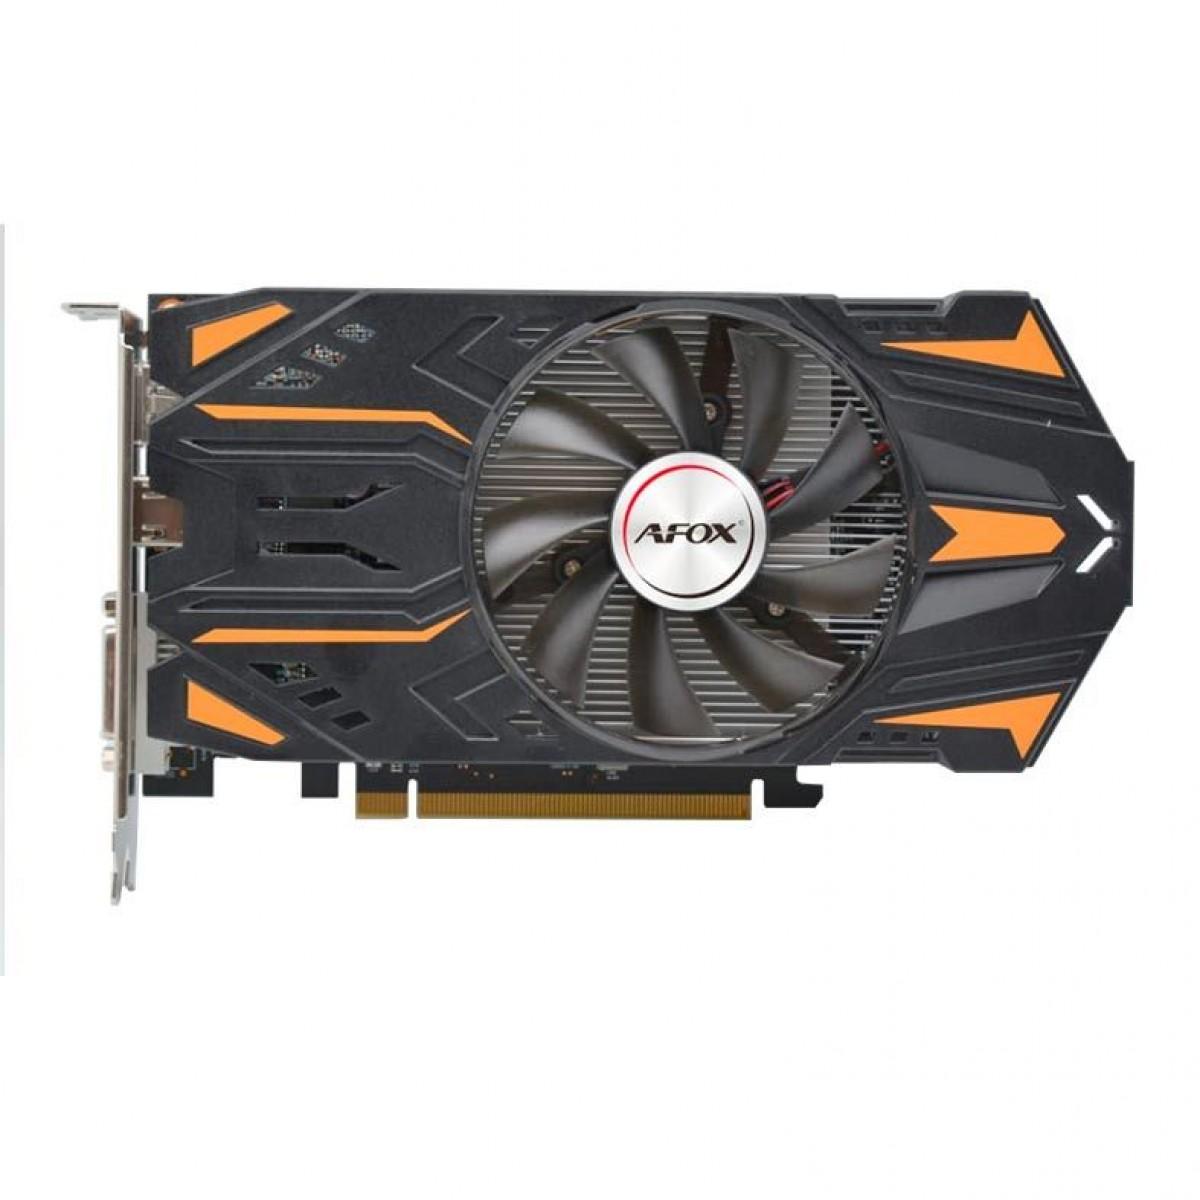 Placa de Vídeo Afox Radeon RX 550, 2GB, GDDR5, 128bit, AFRX550-2048D5H7